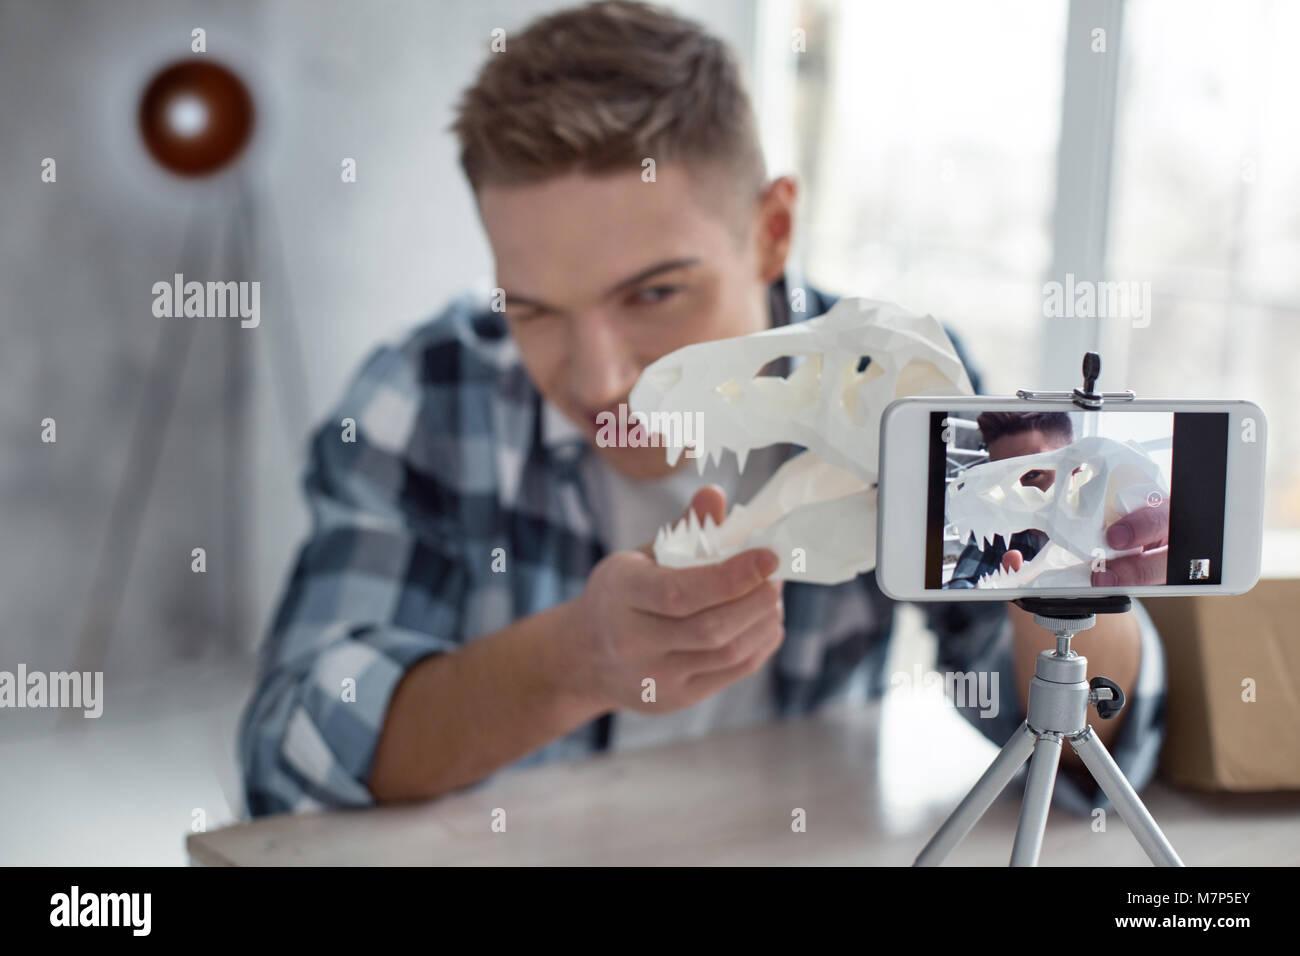 Blogueur professionnel réalisation d'une vidéo sur les dinosaures Photo Stock